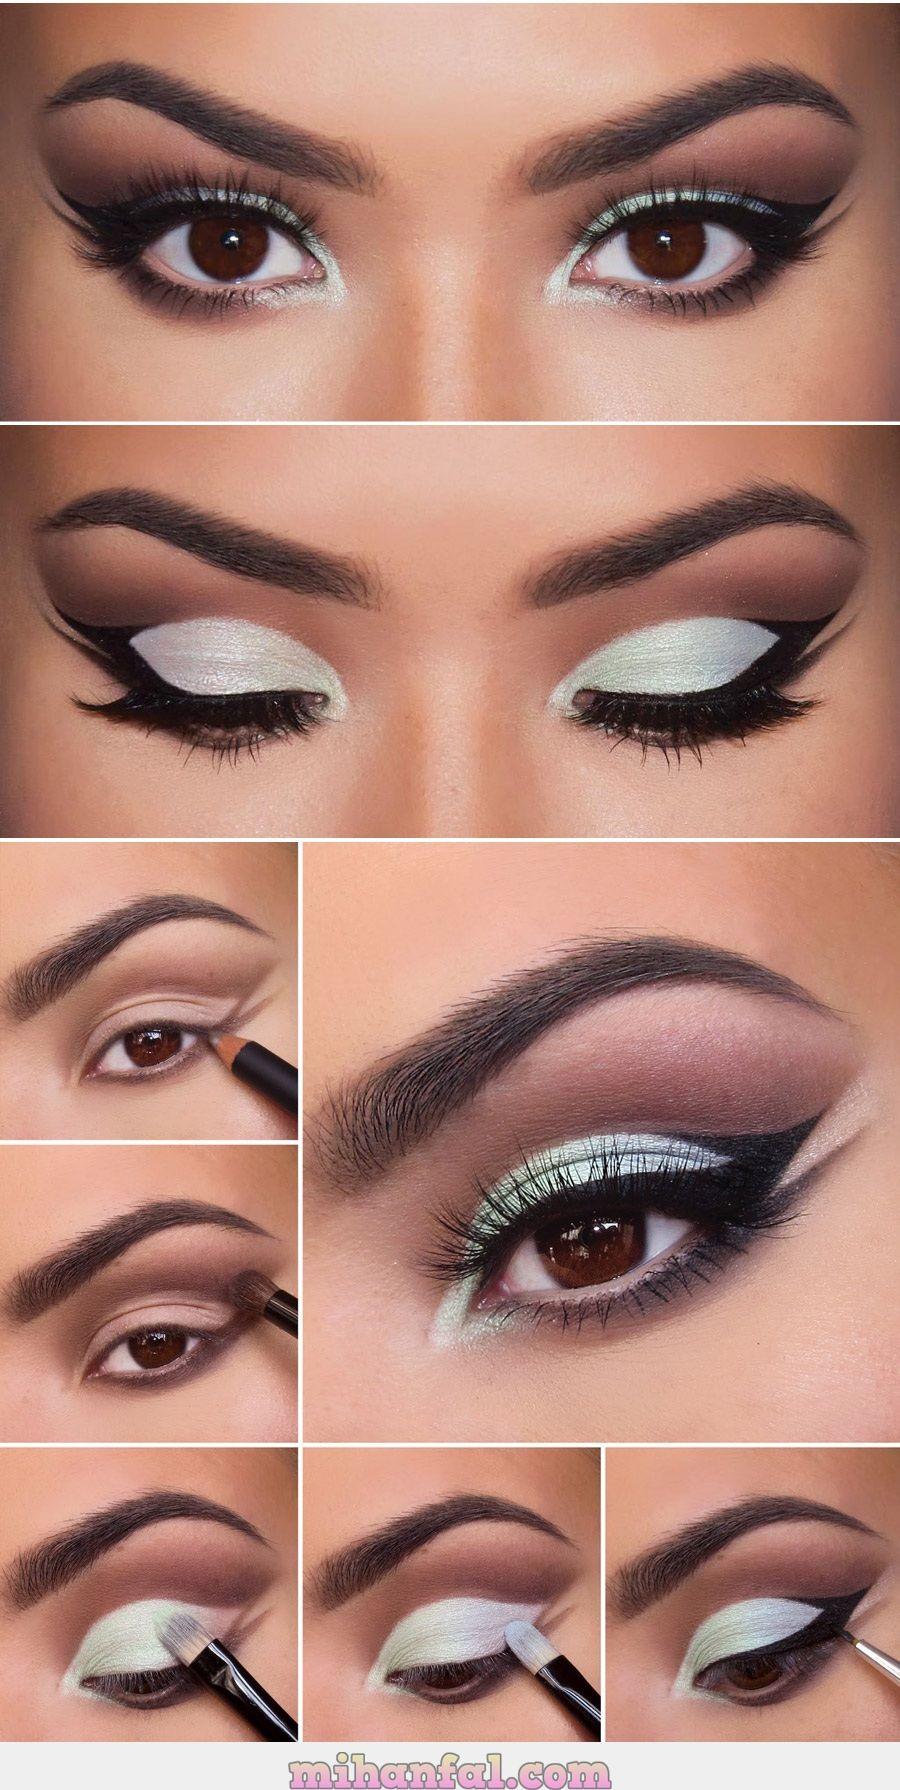 آموزش تصویری آرایش چشم با سایه سفید